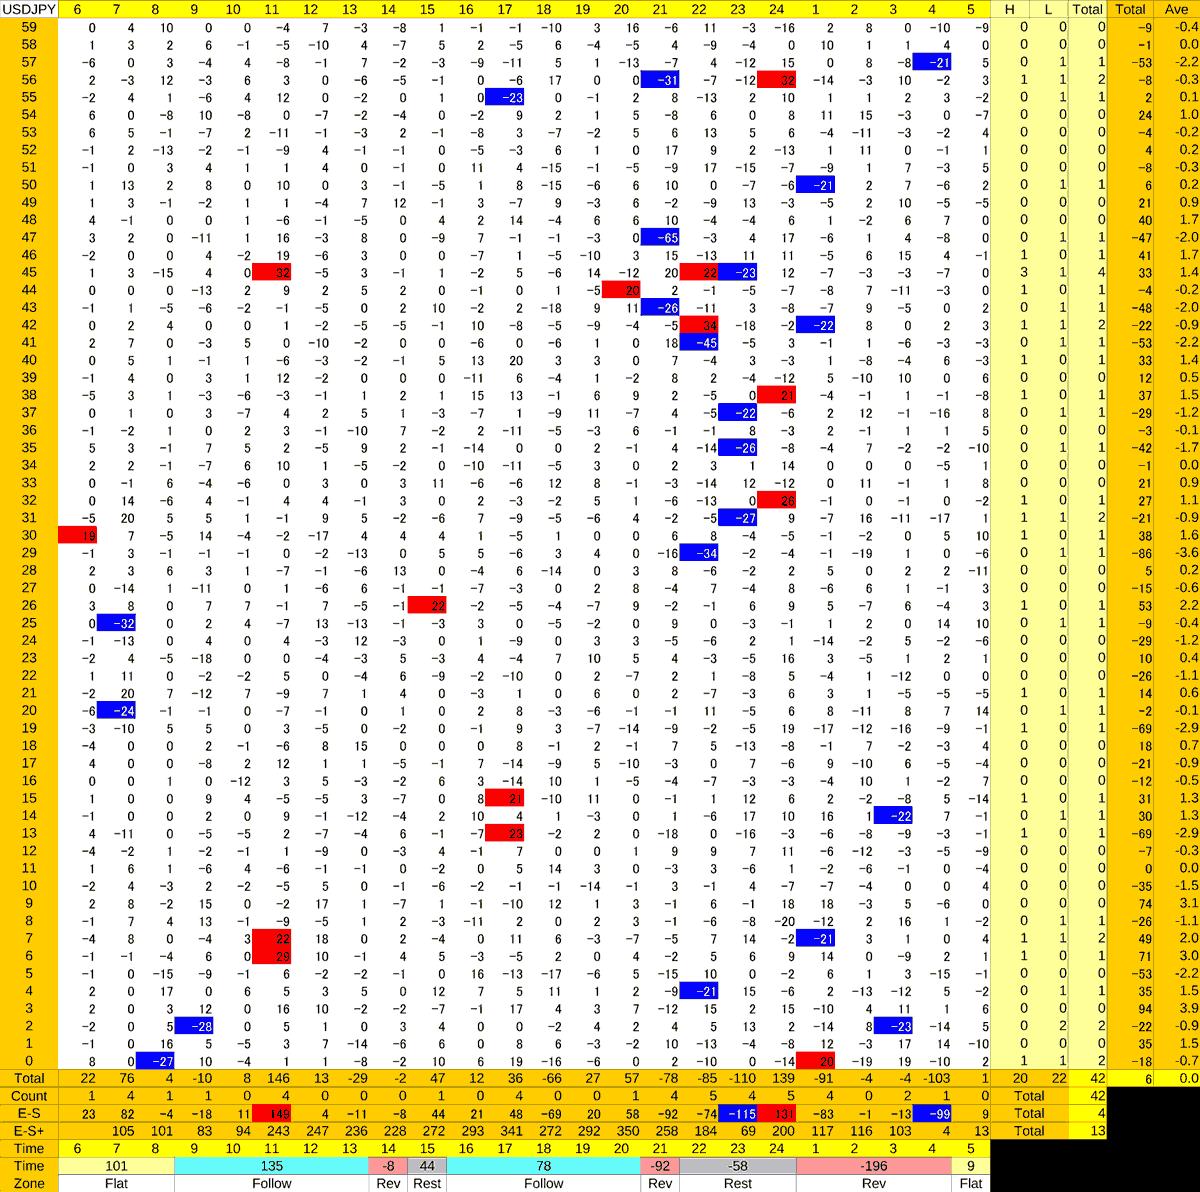 20201210_HS(1)USDJPY